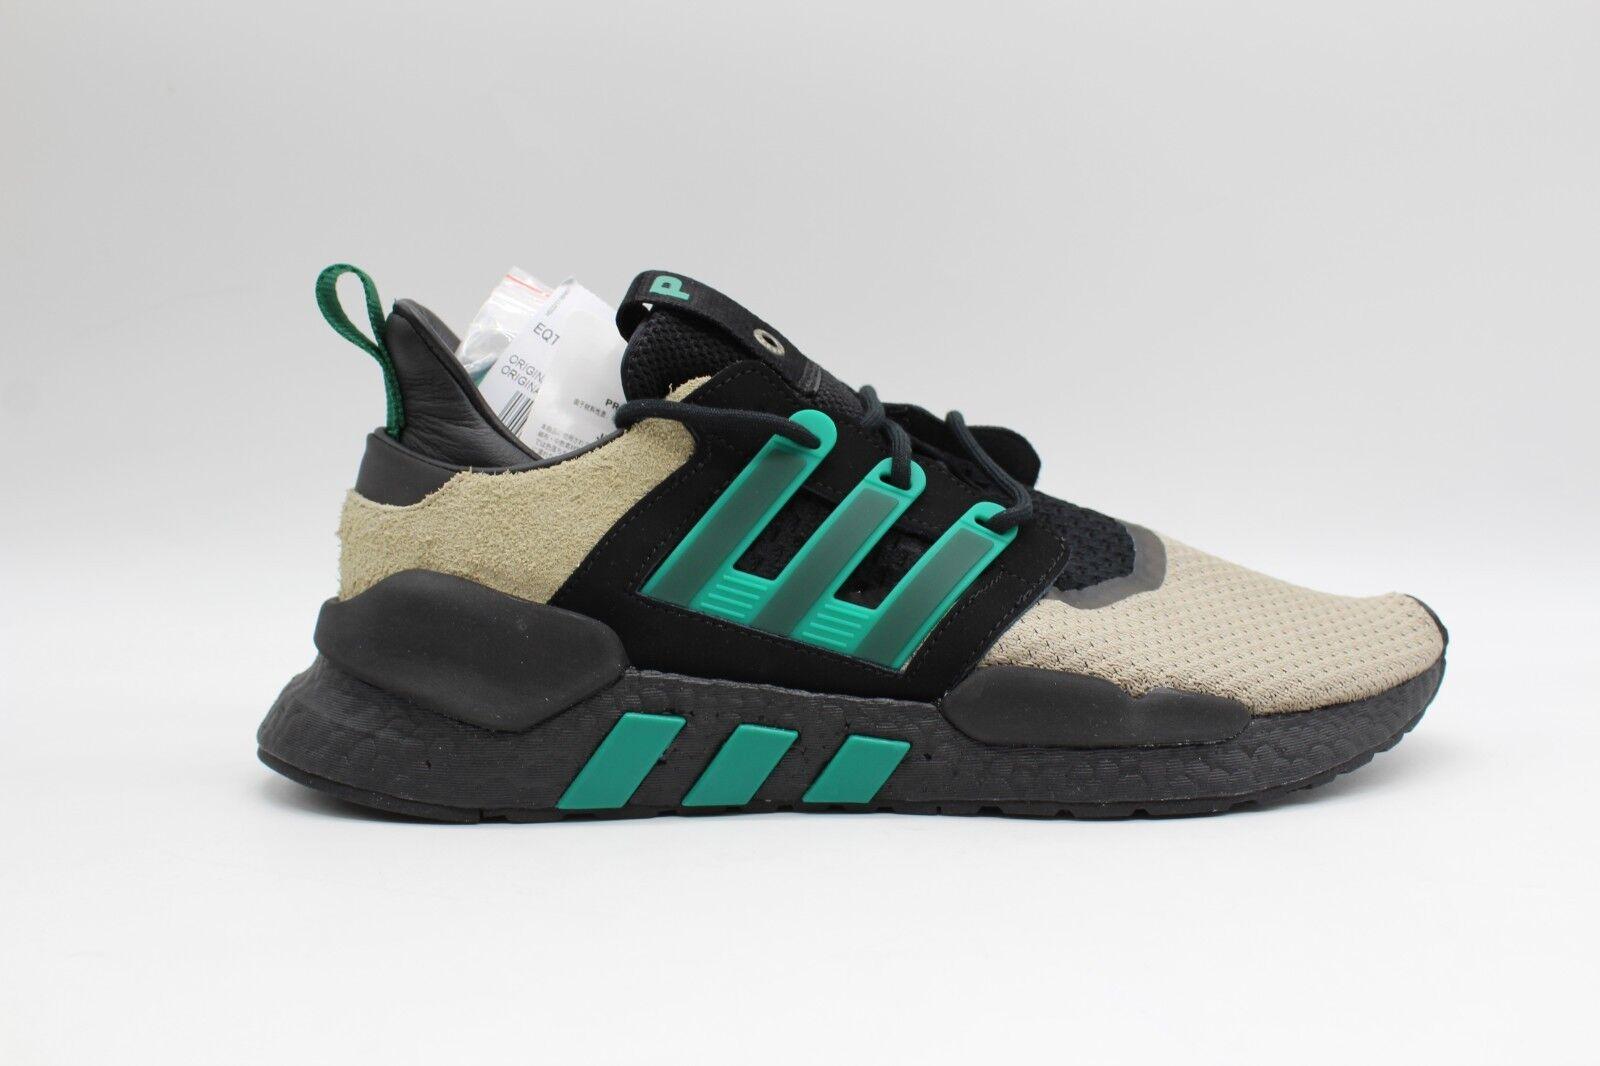 Adidas x Packer Eqt Sostegno 91 5.5mSub 5.5mSub 5.5mSub verde' BB9482 Scarpe da Corsa - Nuovo 8646e2